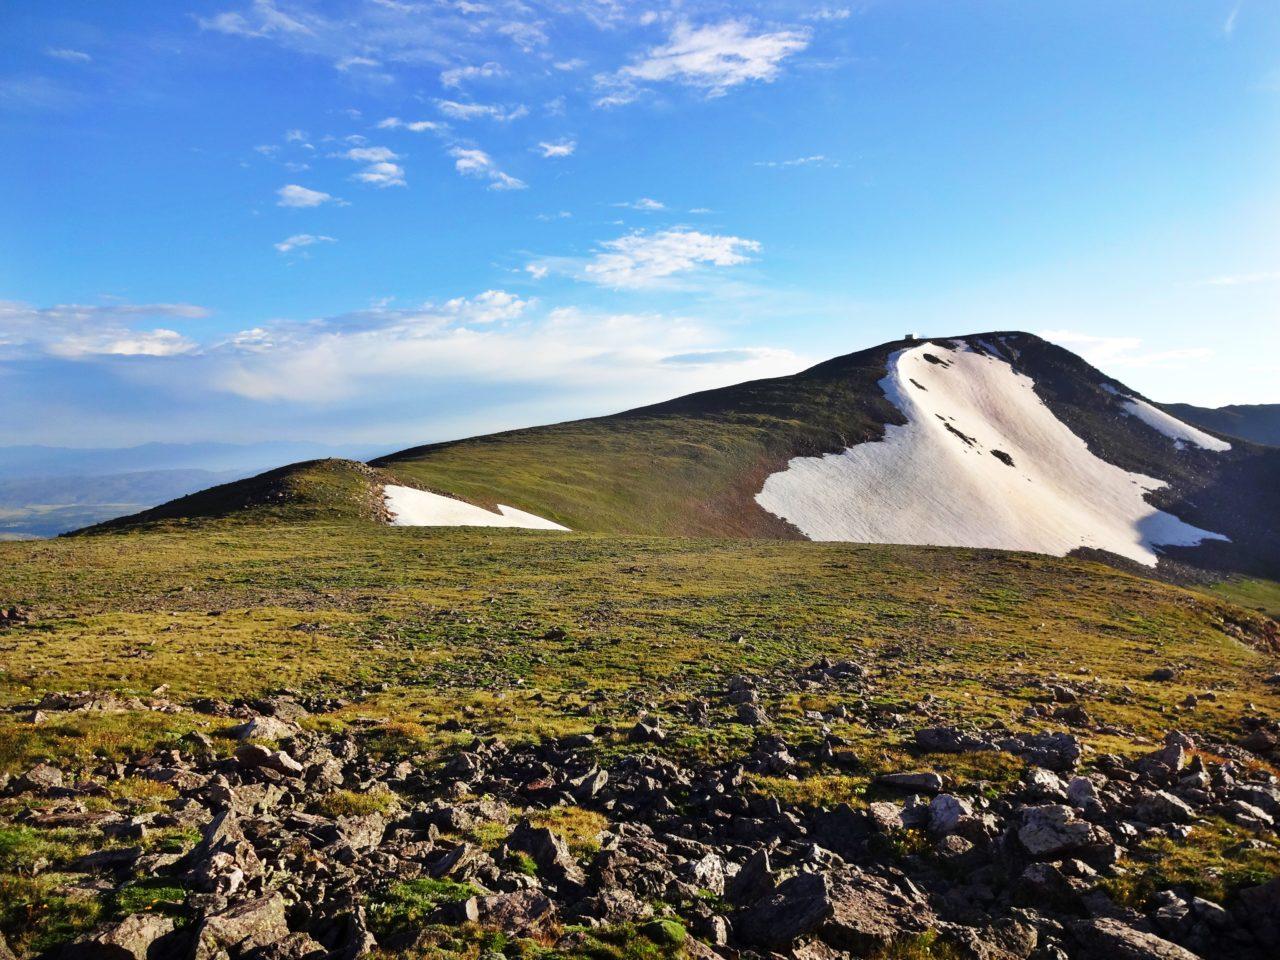 Mt. Eva